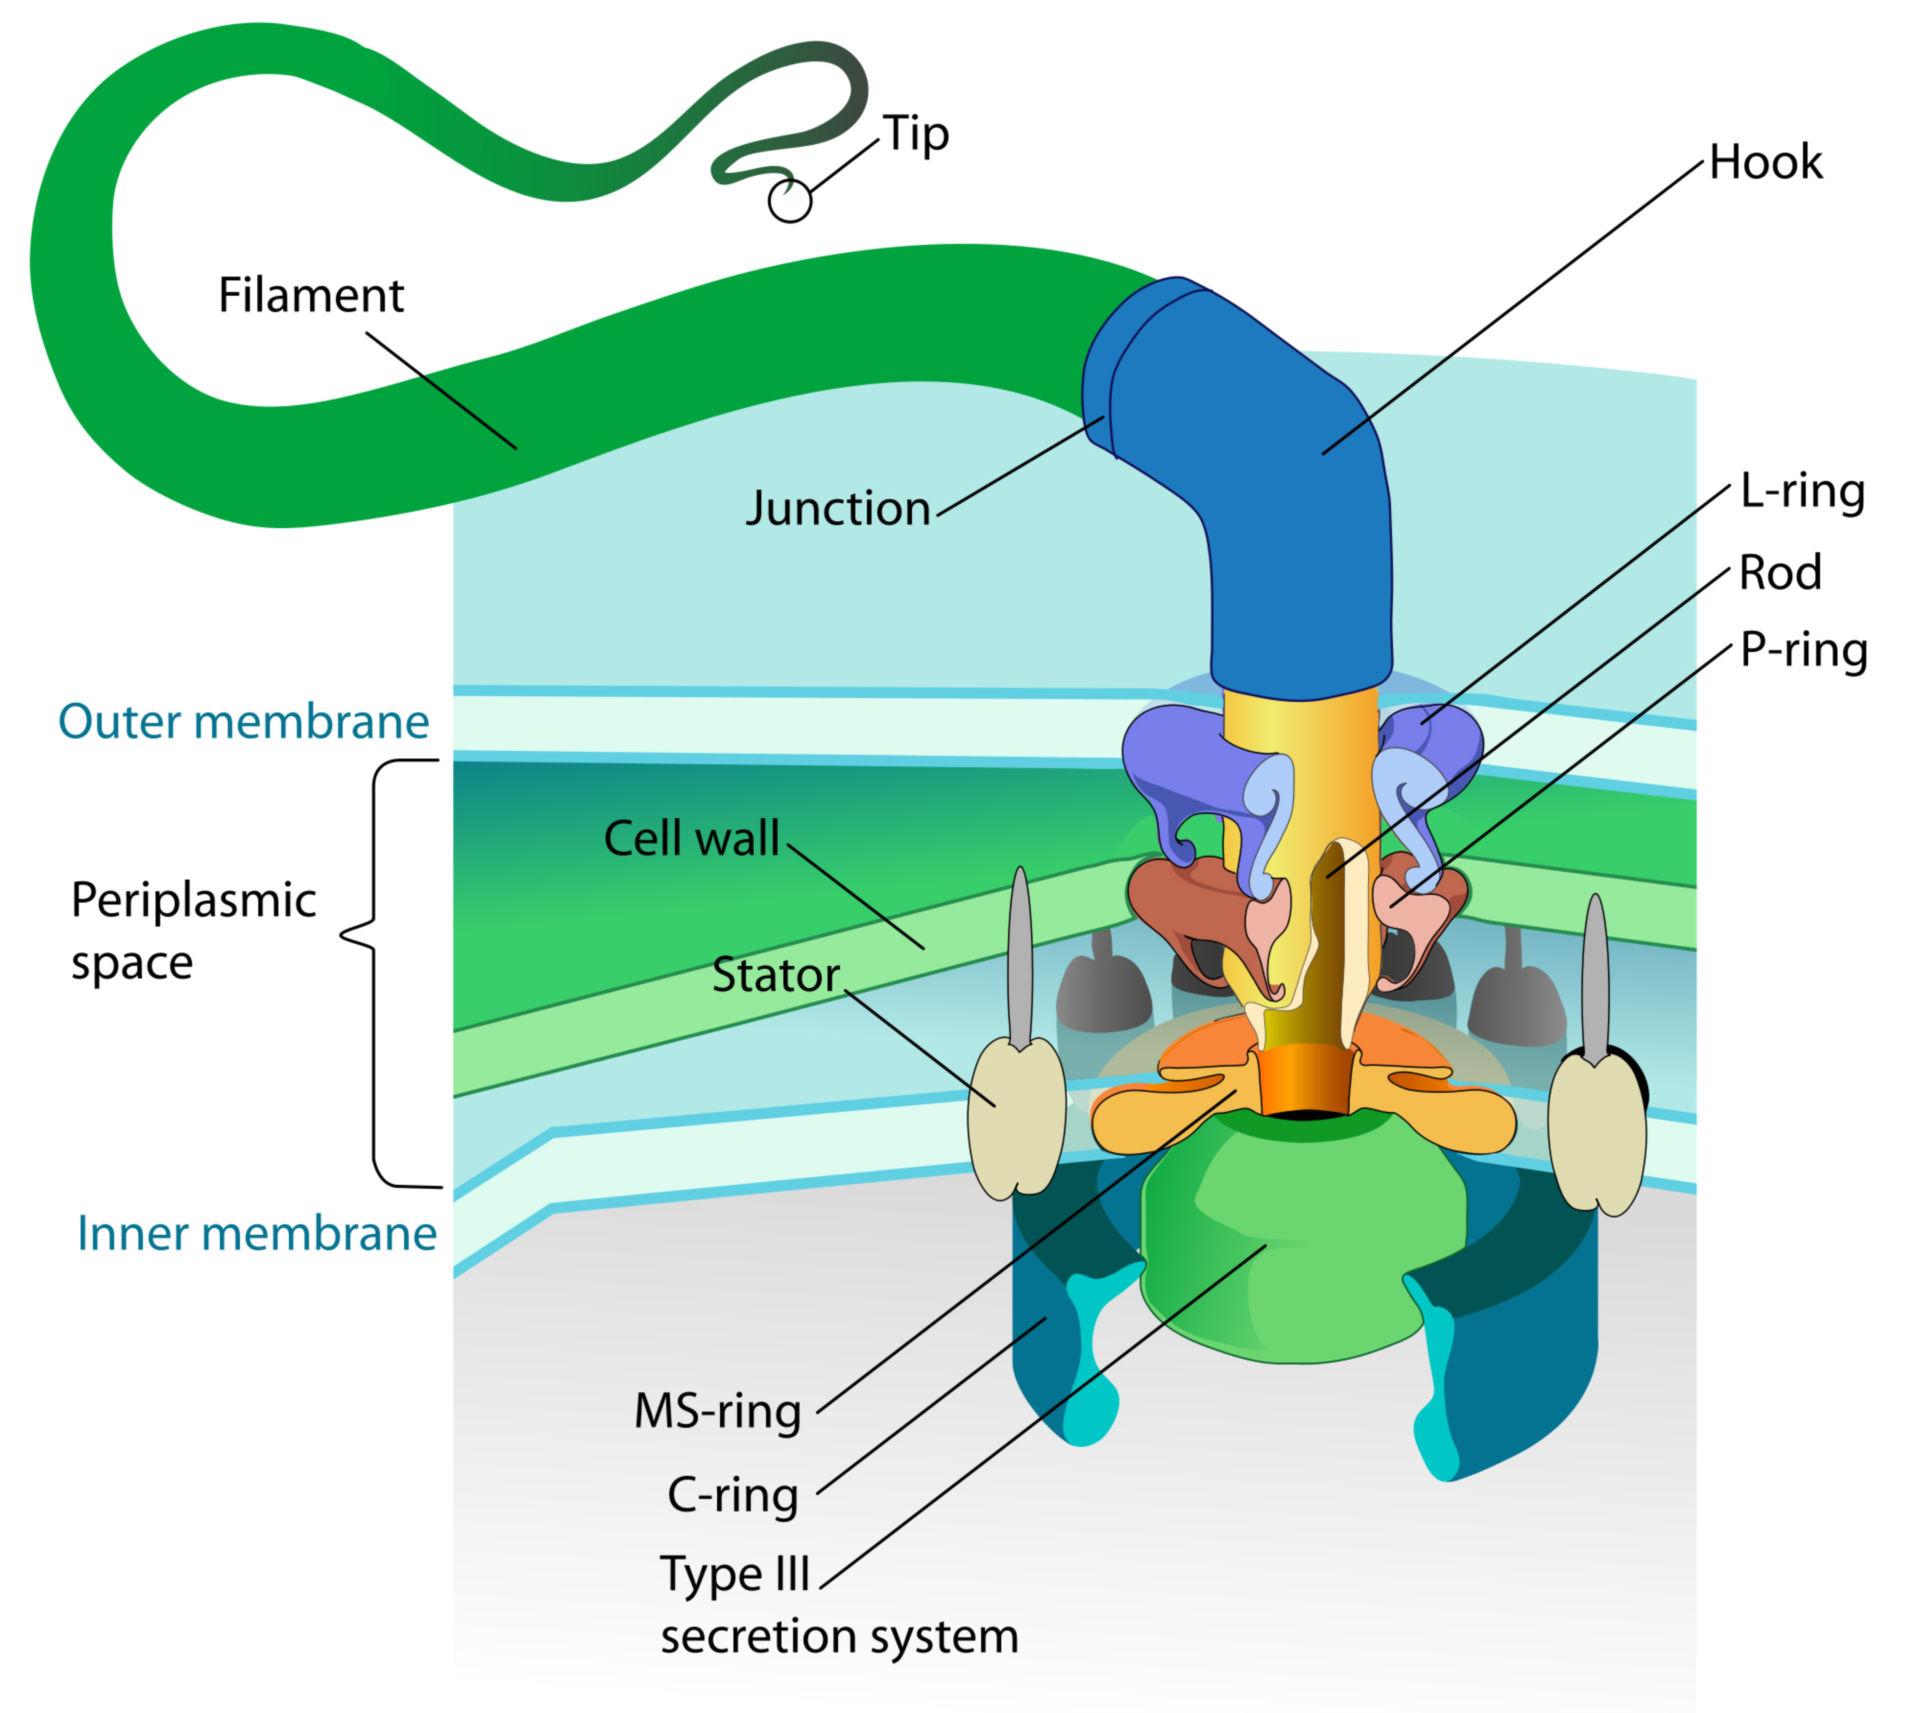 Complesso motore di un flagello di un batterio Gram-negativo